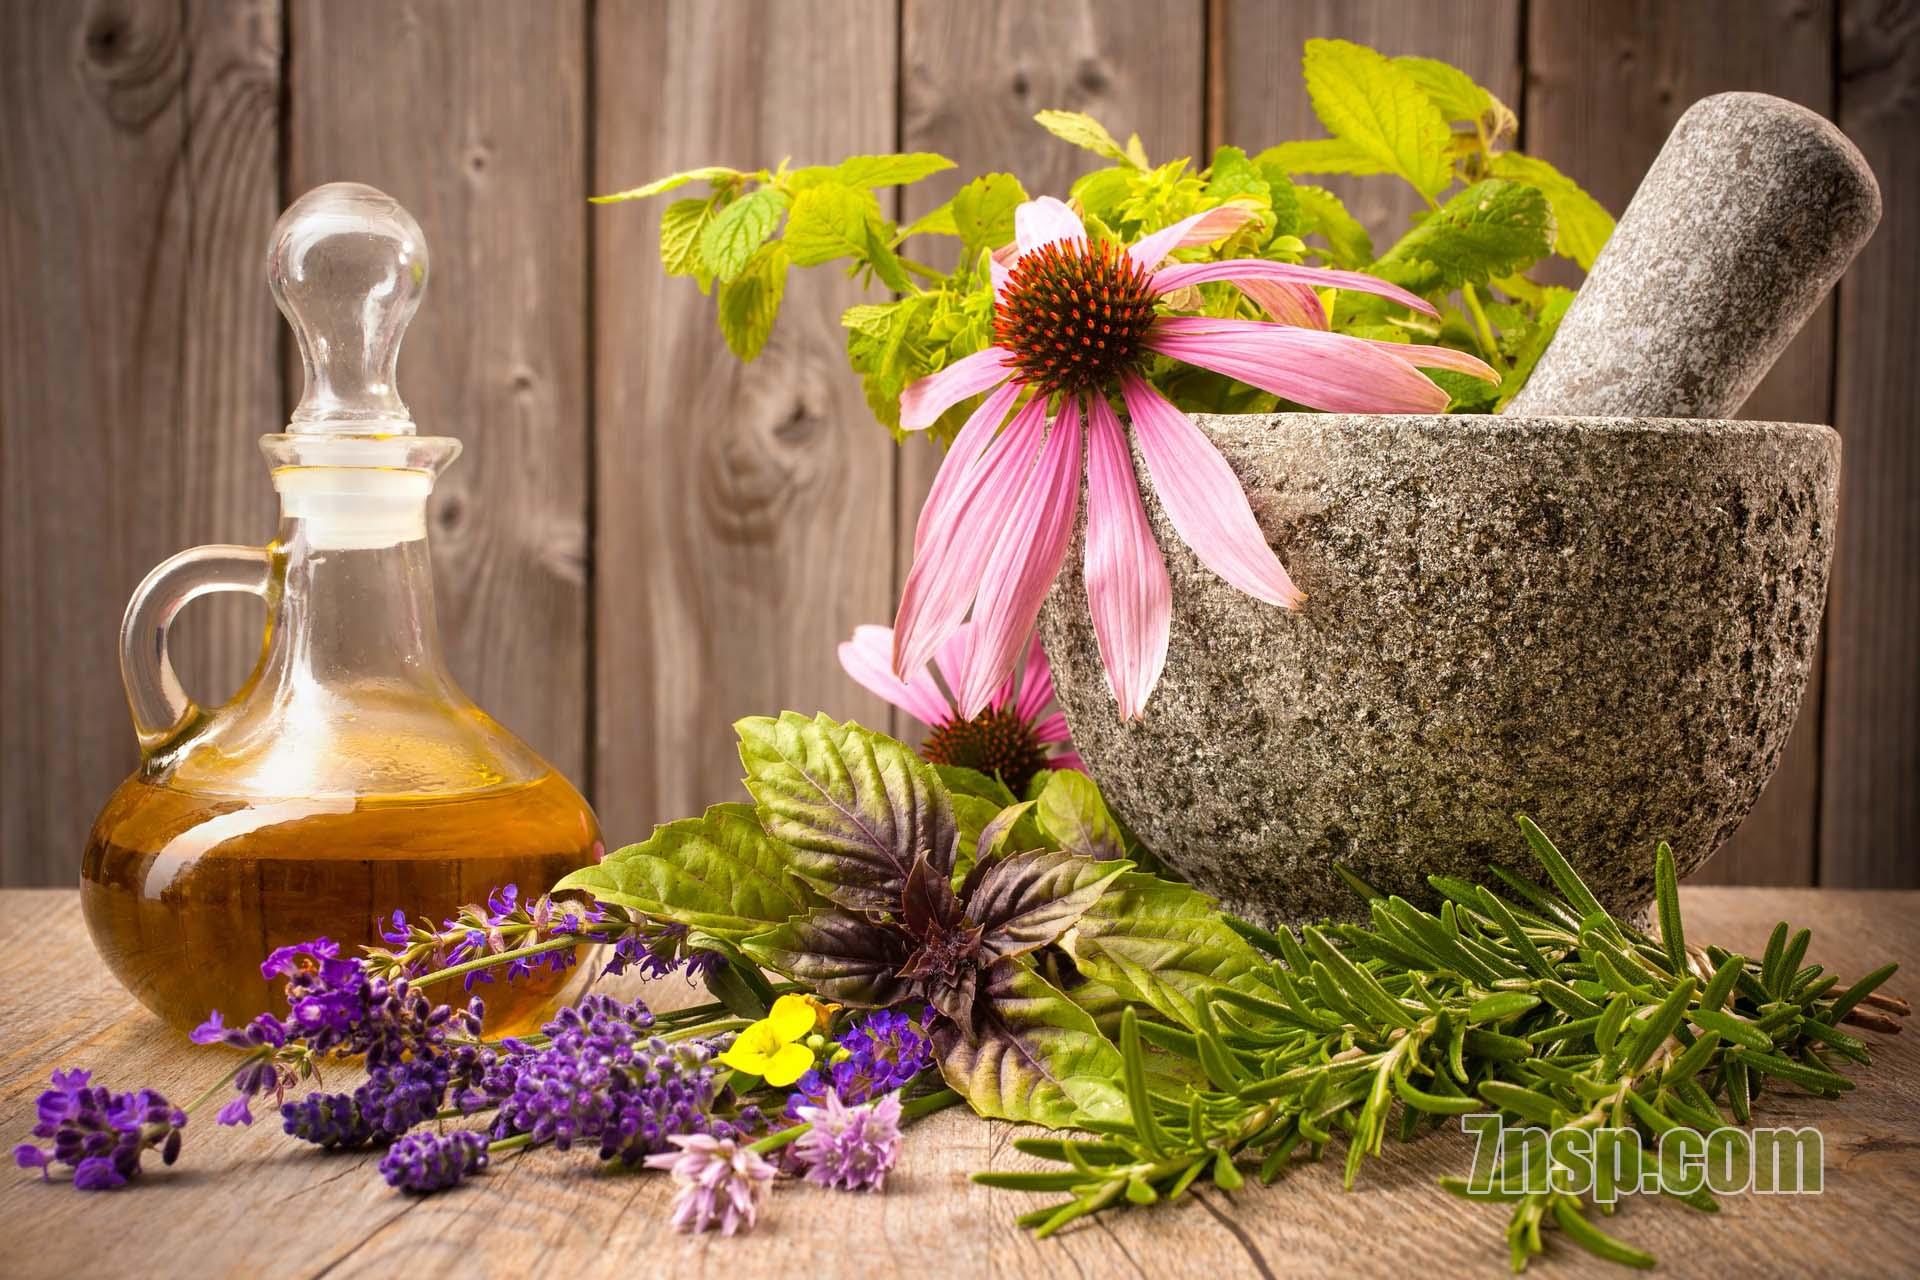 Натуральные ингредиенты в составе бад, препаратов, продукции НСП